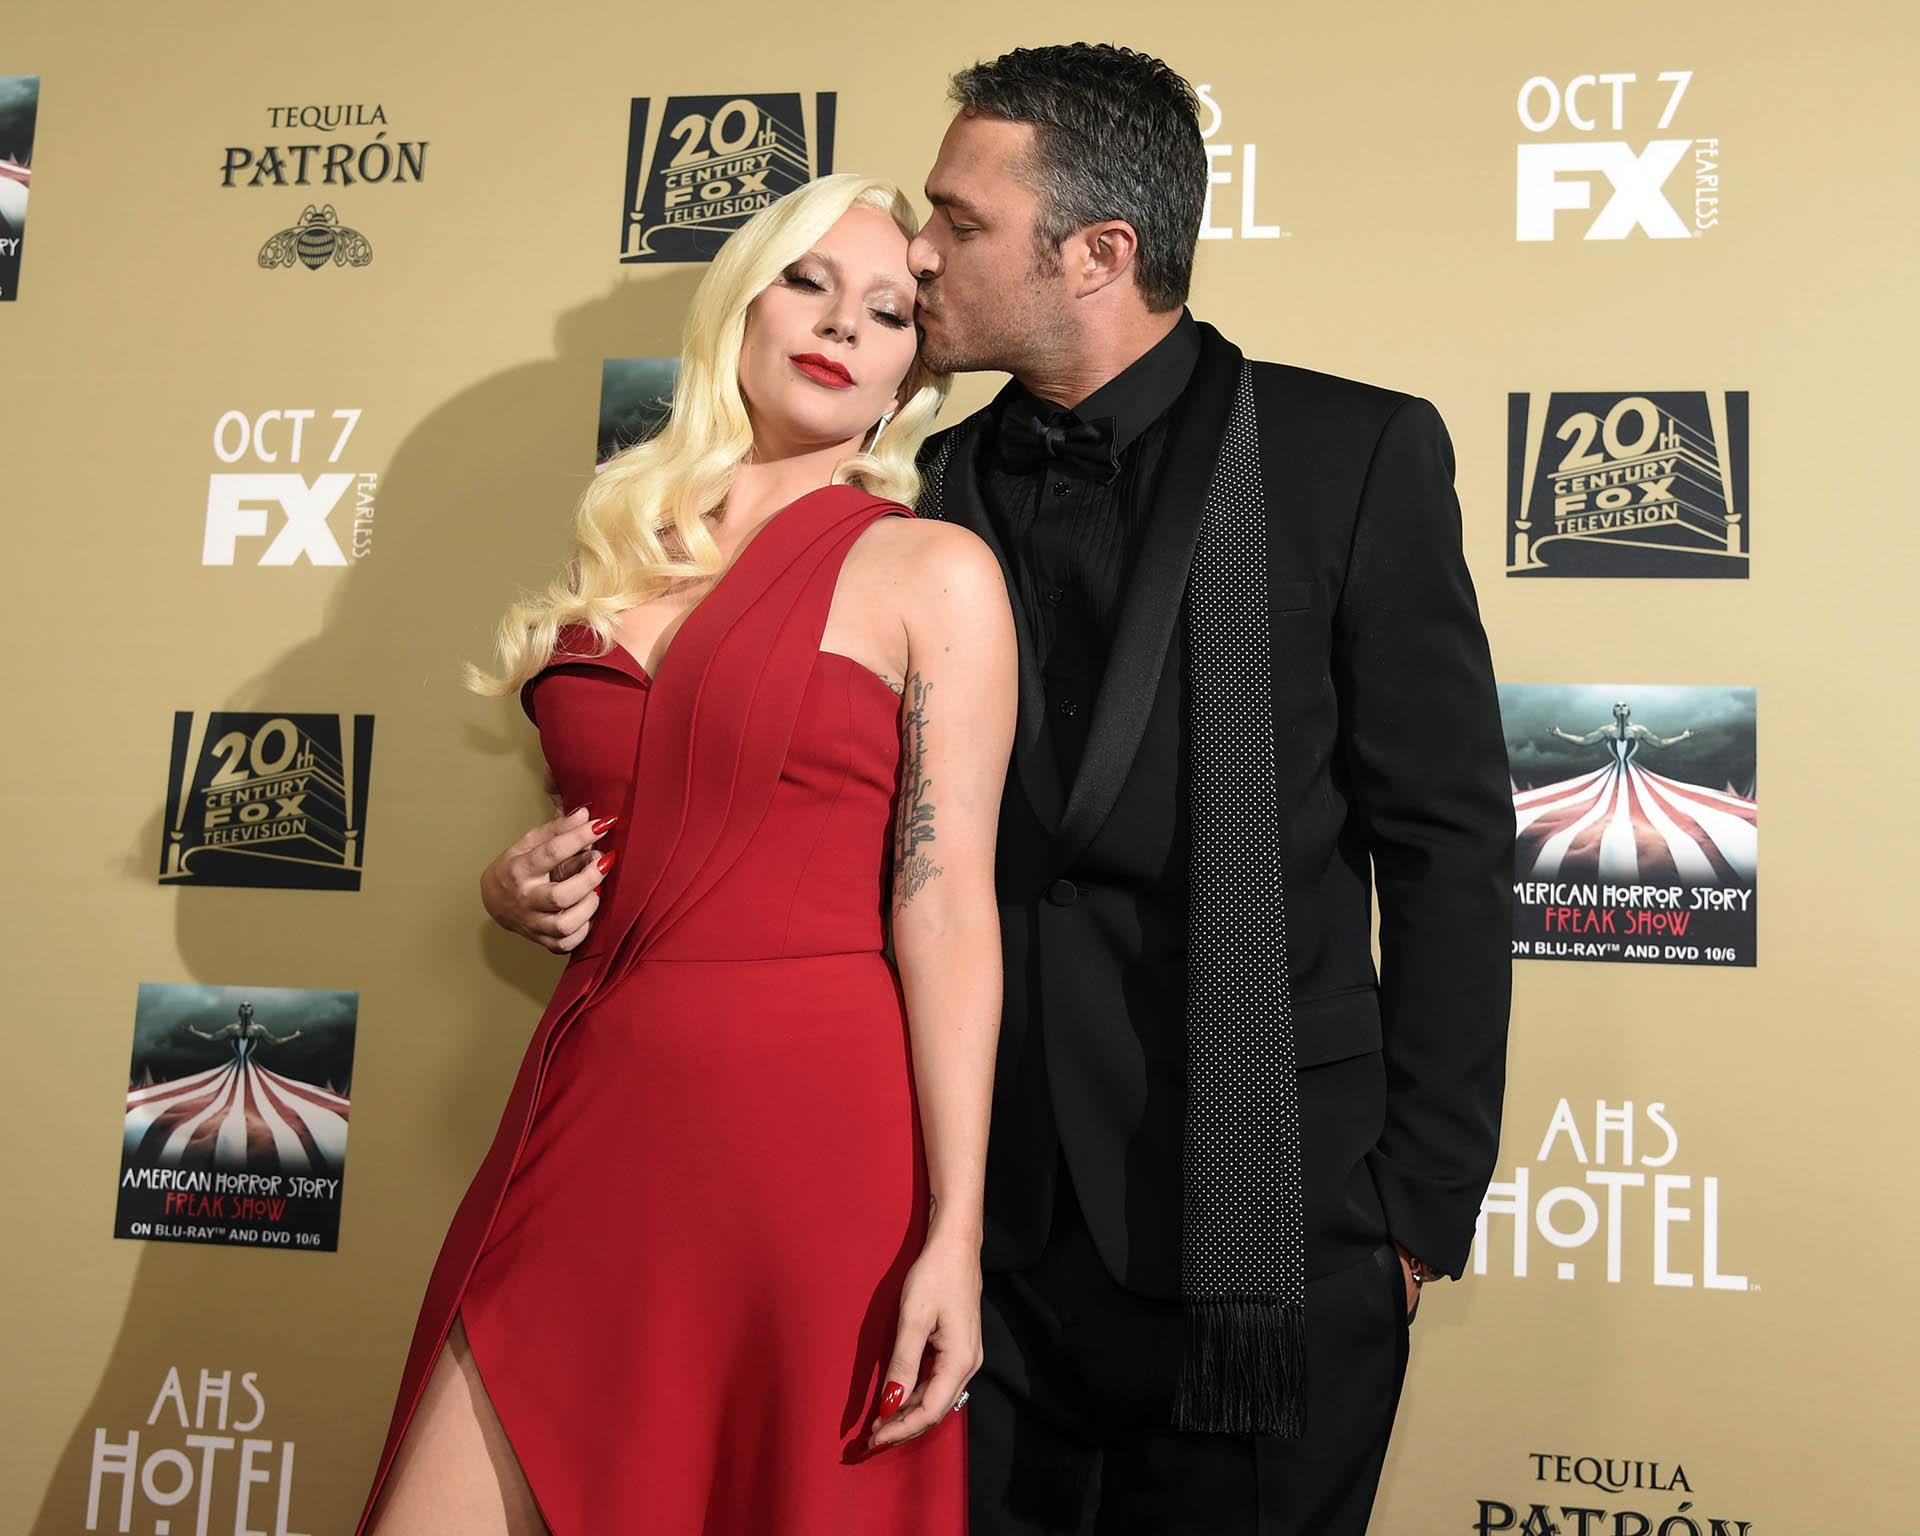 La estrella pop Lady Gaga y Taylor Kinney se separaron abruptamente en julio pasado tras cinco años juntos. El actor le había propuesto casamiento el año pasado en el Día de San Valentín